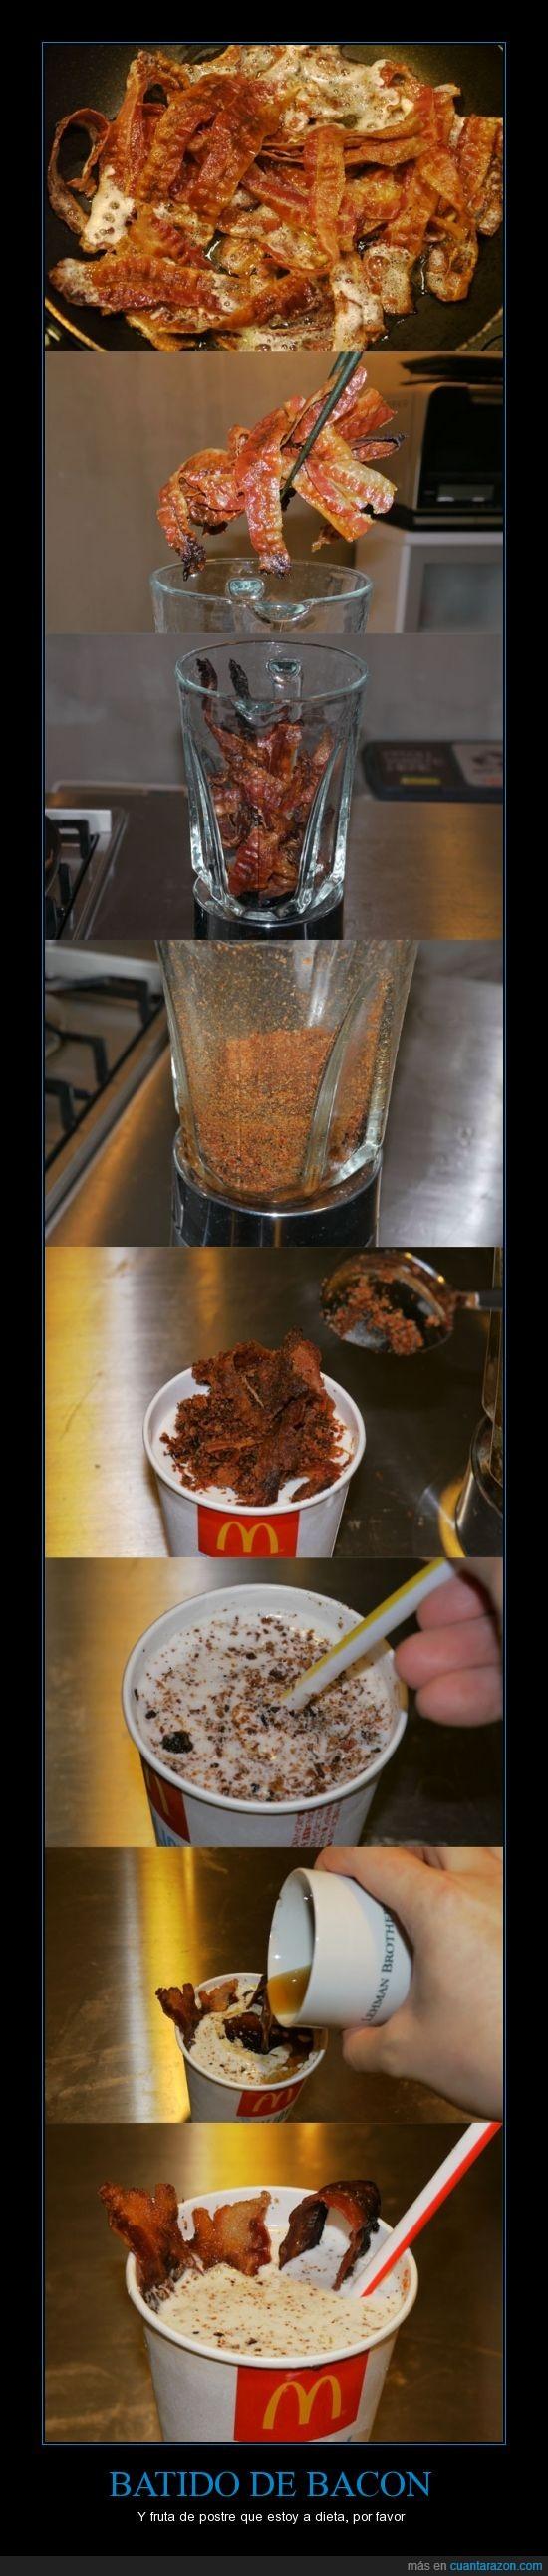 bacon,batido,malteada,mcdonalds,solo en Estados Unidos,sundae